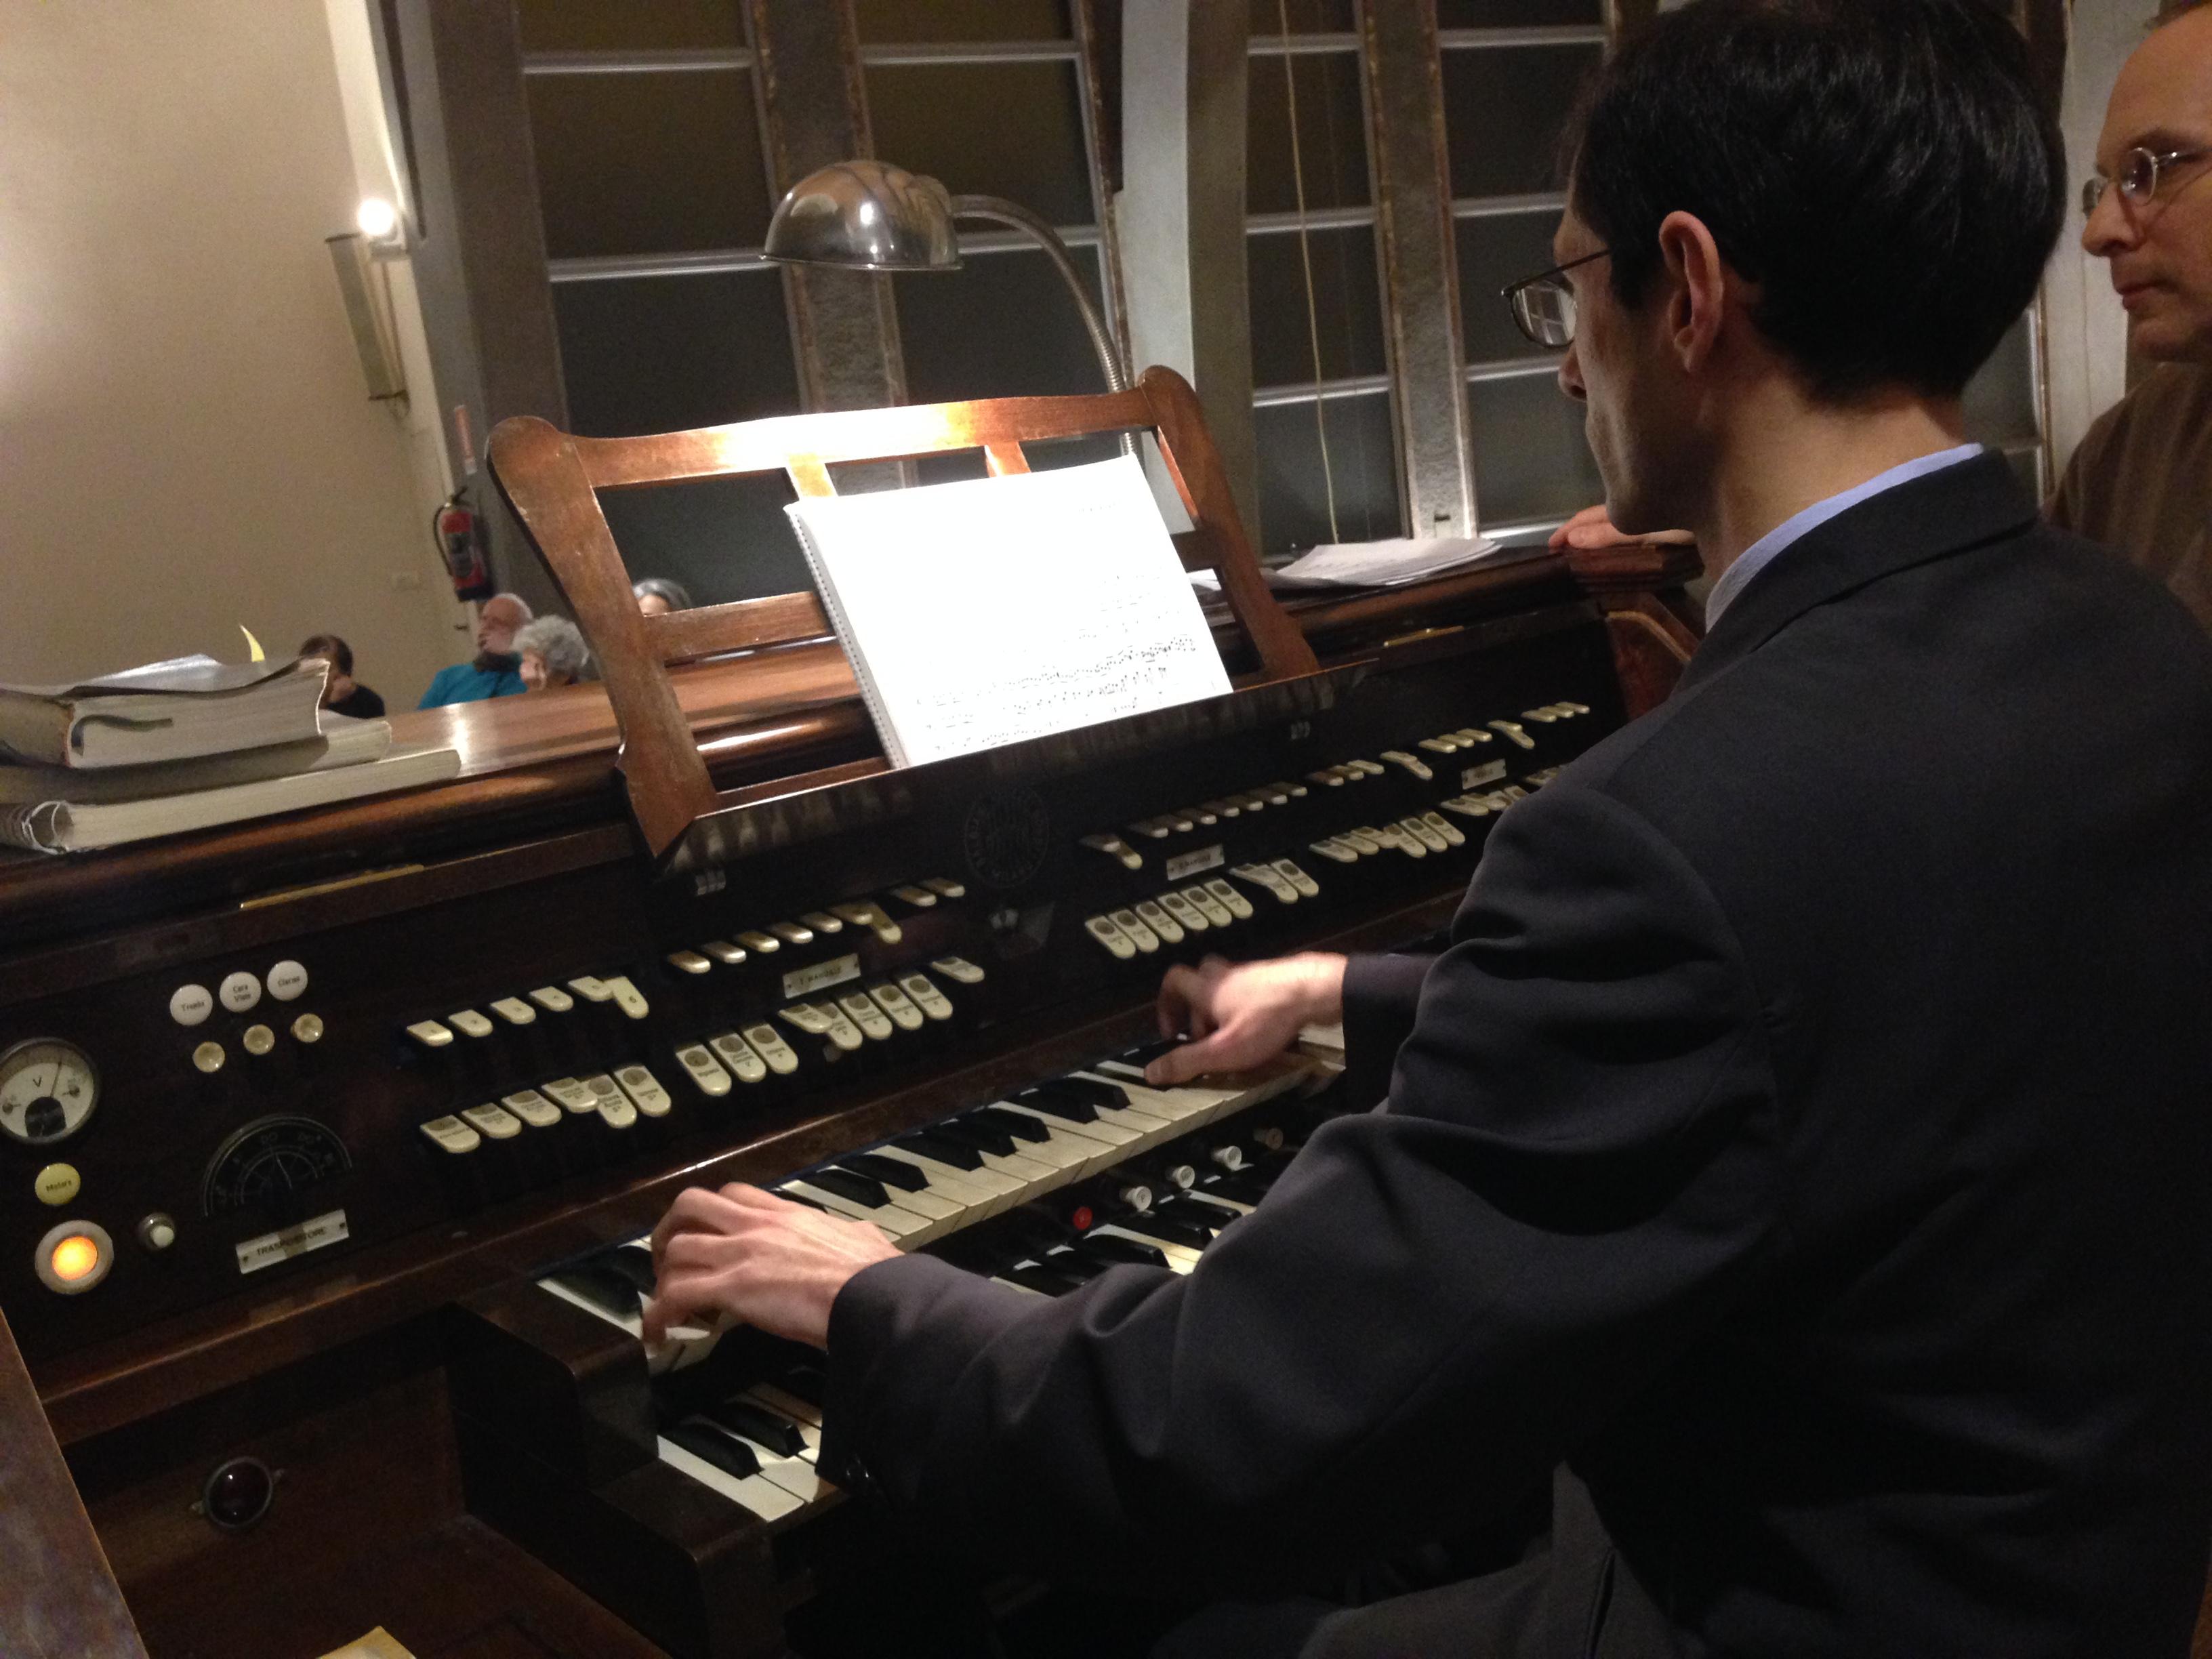 Un'immagine del Maestro Piovani all'organo, in cui si ammirano la ricchezza della tastiera composta anche dai registri (i tastini più piccoli in alto!)